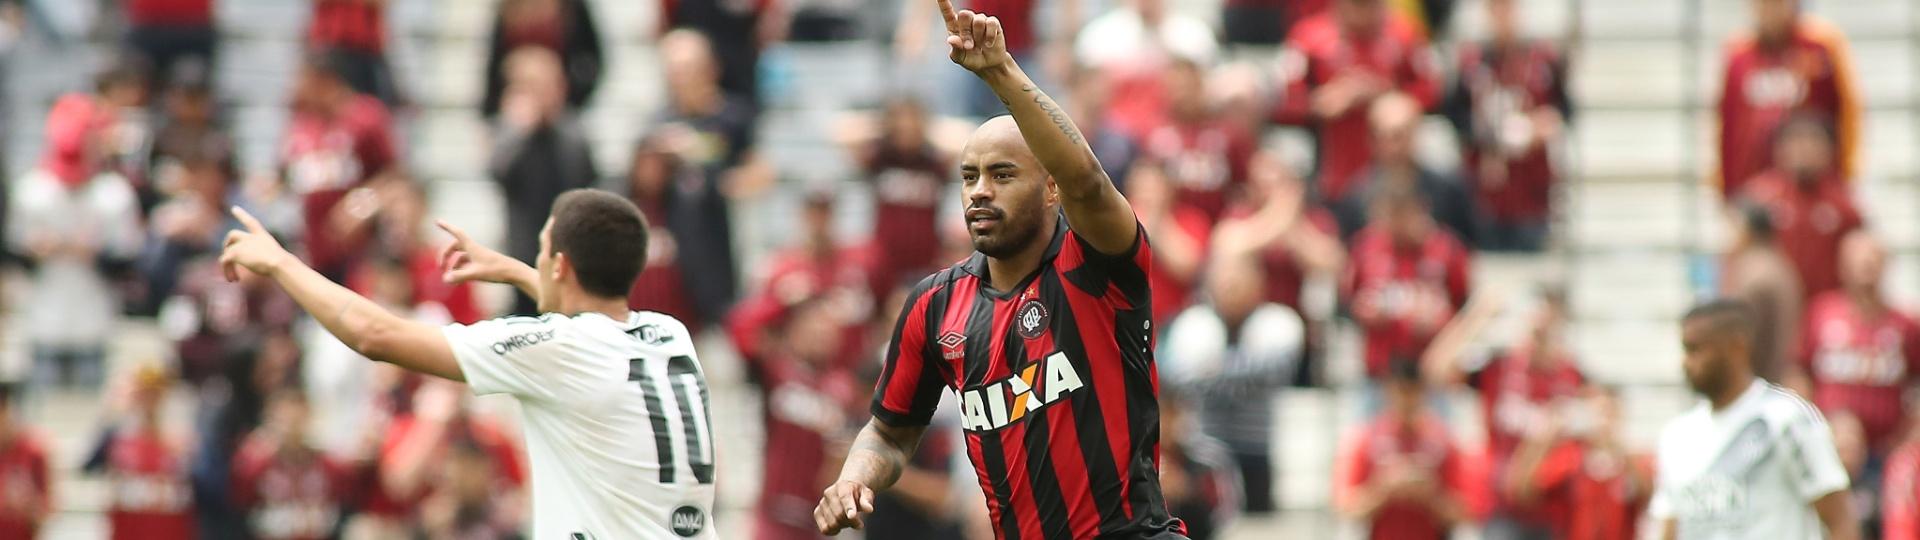 Thiago Heleno comemora seu primeiro gol contra a Ponte Preta